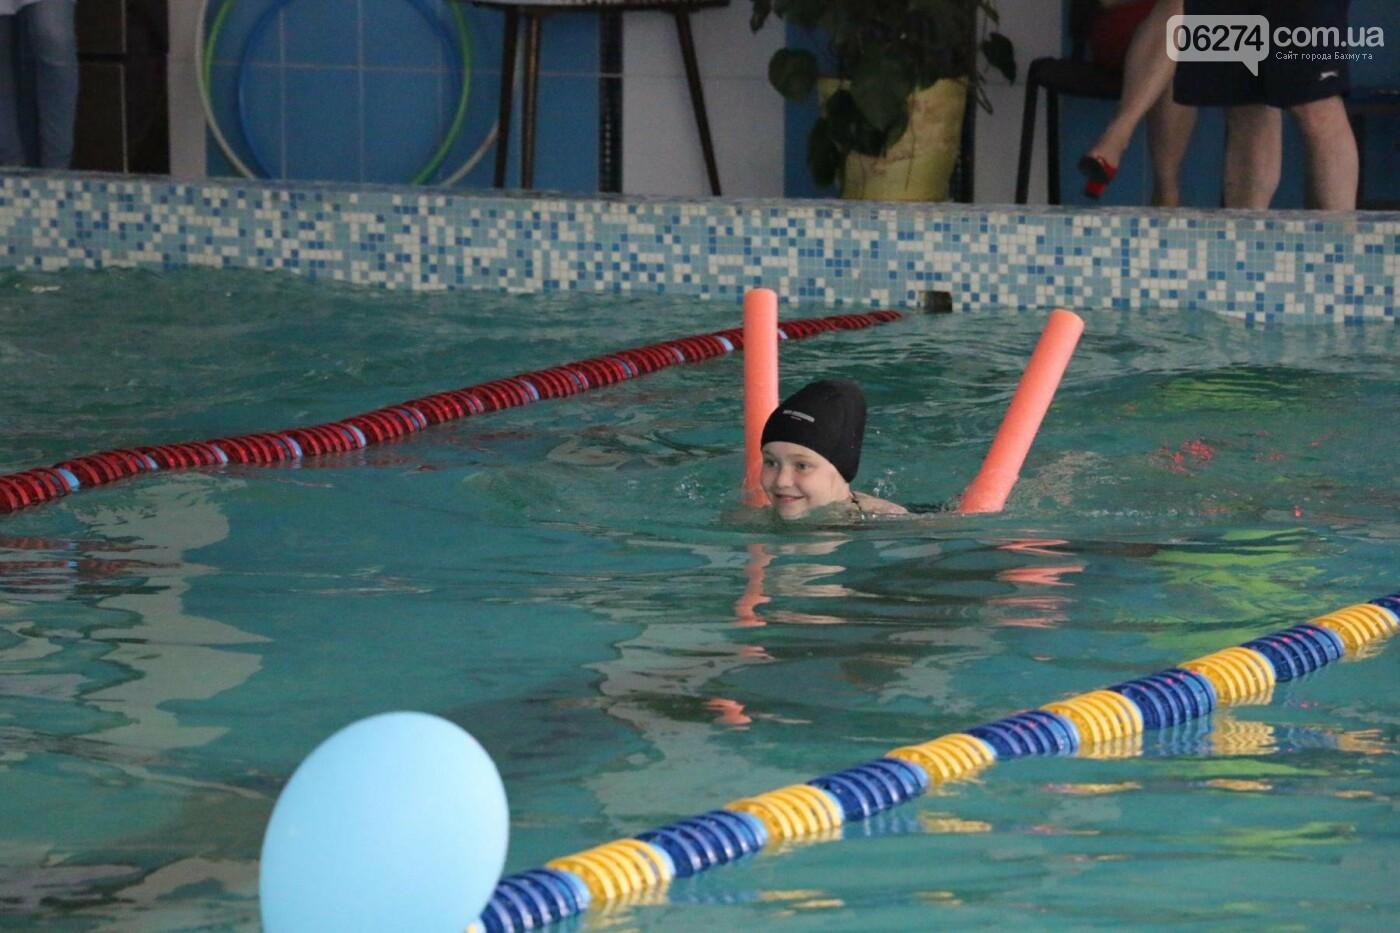 В Бахмуте ко Дню матери и Дню семьи провели семейный заплыв, фото-20